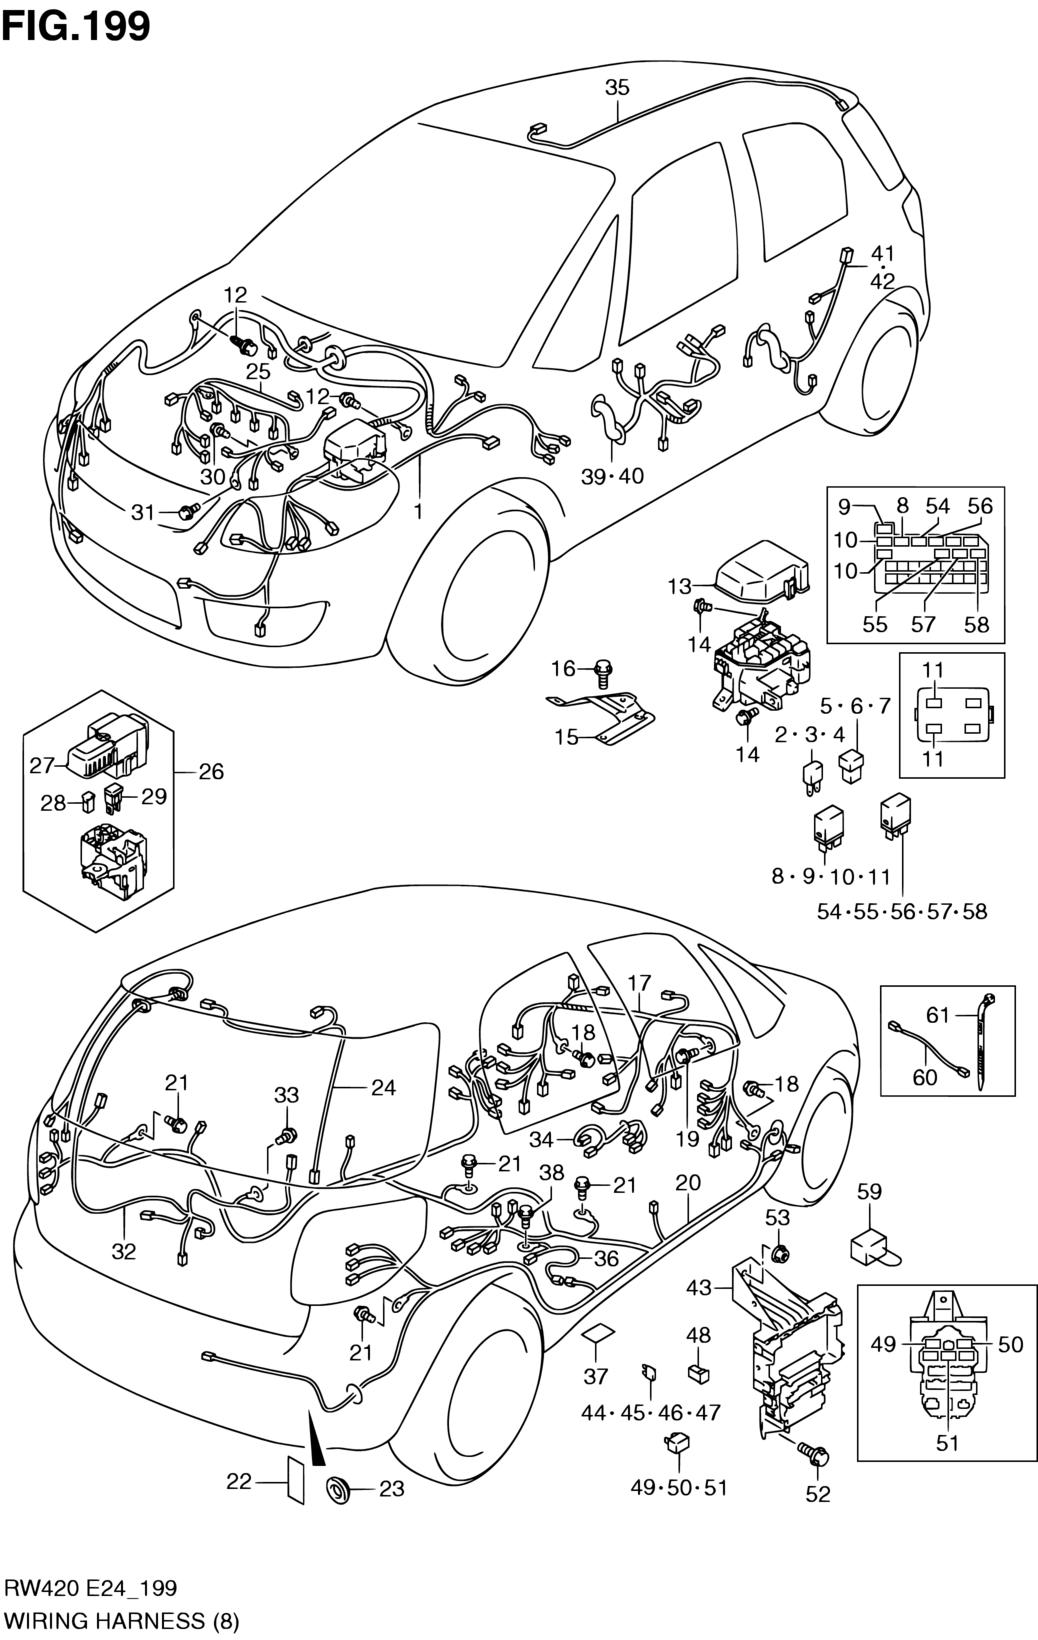 Middle East, SX4, RW420-4 (E02,E05,E10,E22,E24,E30,E31,E35